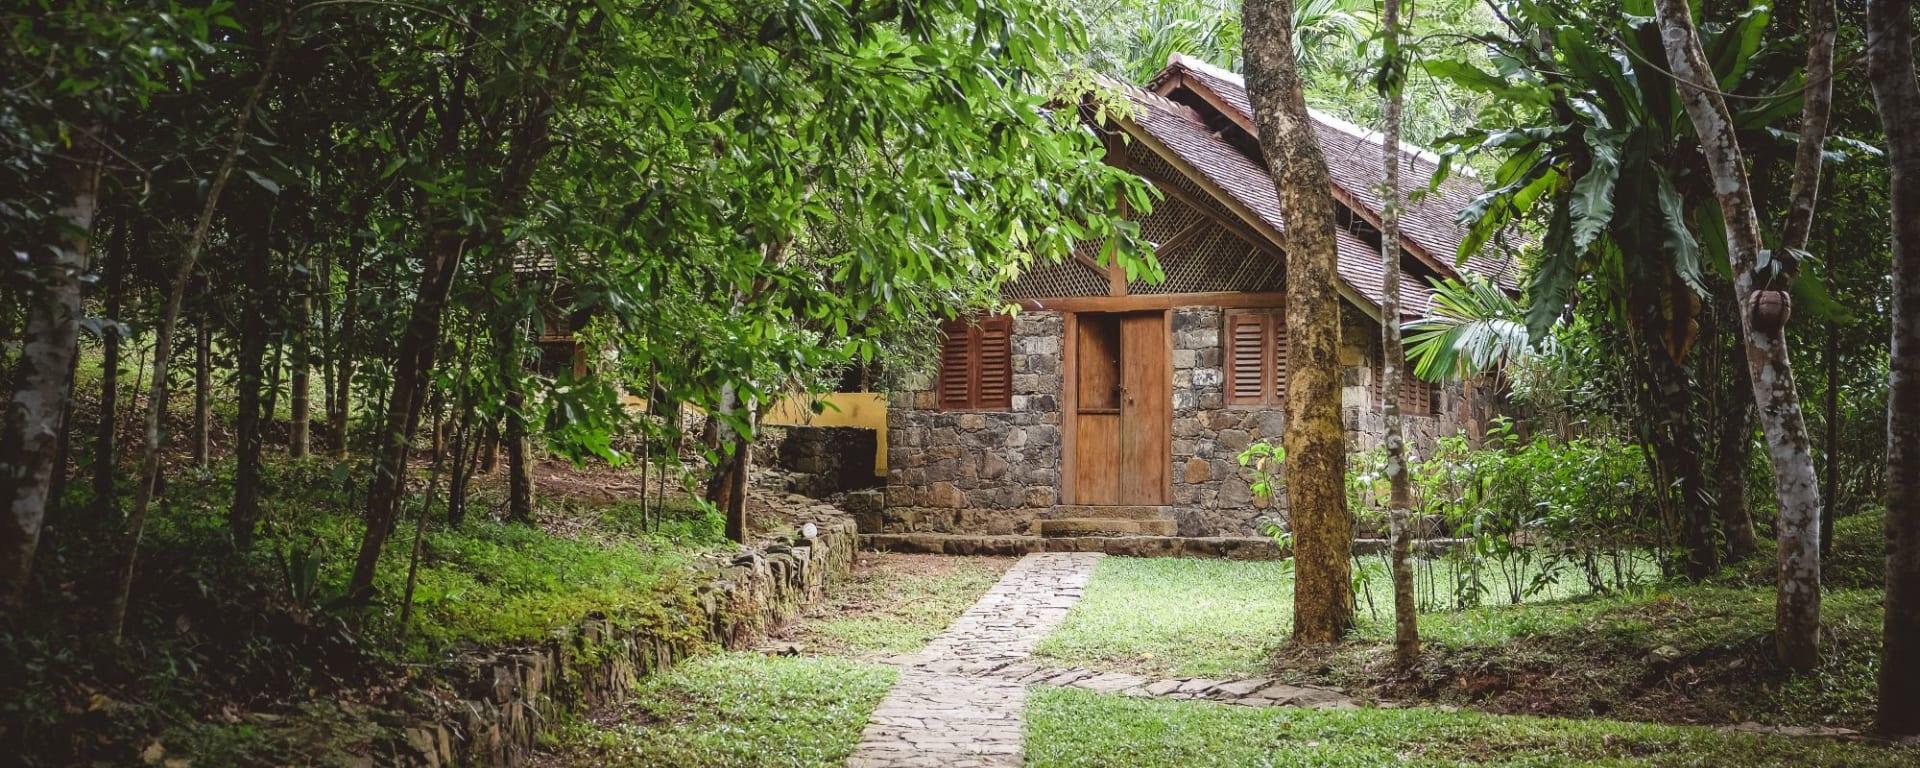 Living Heritage Koslanda à Ella/Haputale/Koslanda: Pepper Garden Cottage